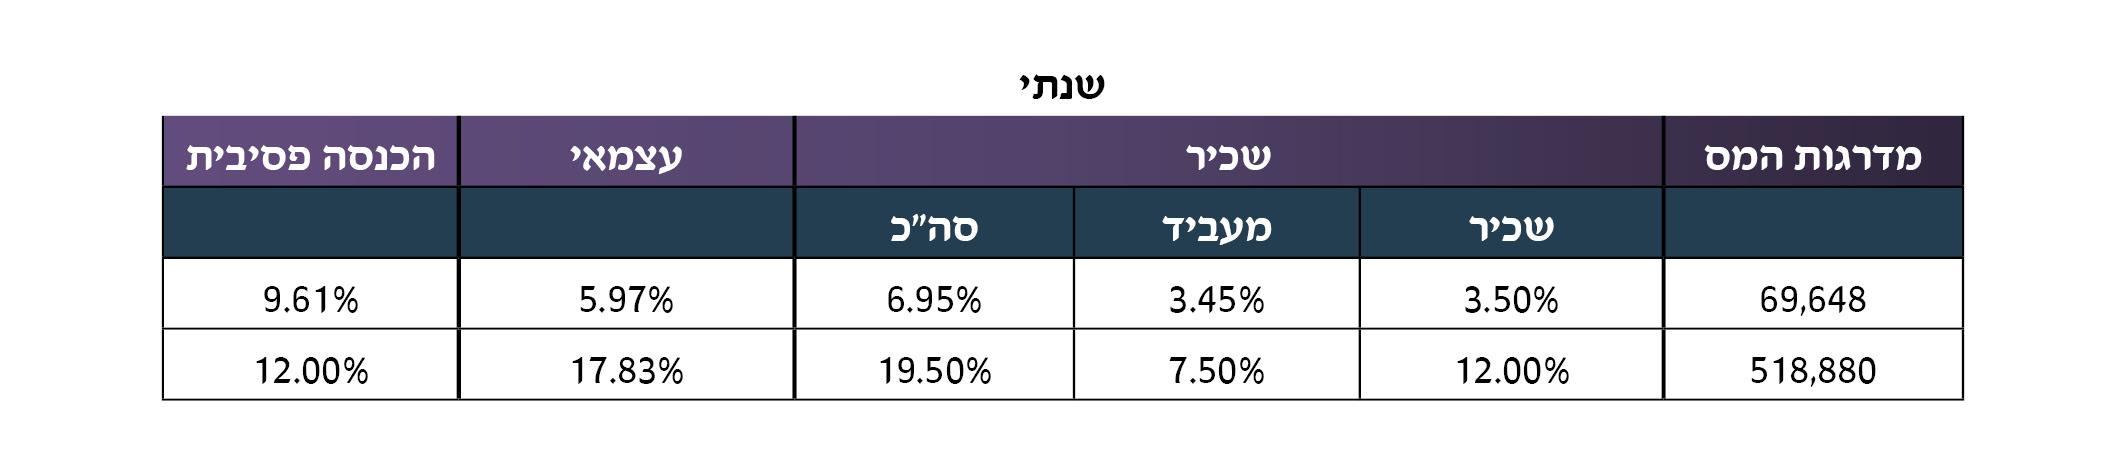 %d7%a2%d7%99%d7%93%d7%9b%d7%95%d7%9f-%d7%9e%d7%93%d7%a8%d7%92%d7%95%d7%aa-%d7%94%d7%a4%d7%a8%d7%a9%d7%94-%d7%91%d7%99%d7%98%d7%95%d7%9c